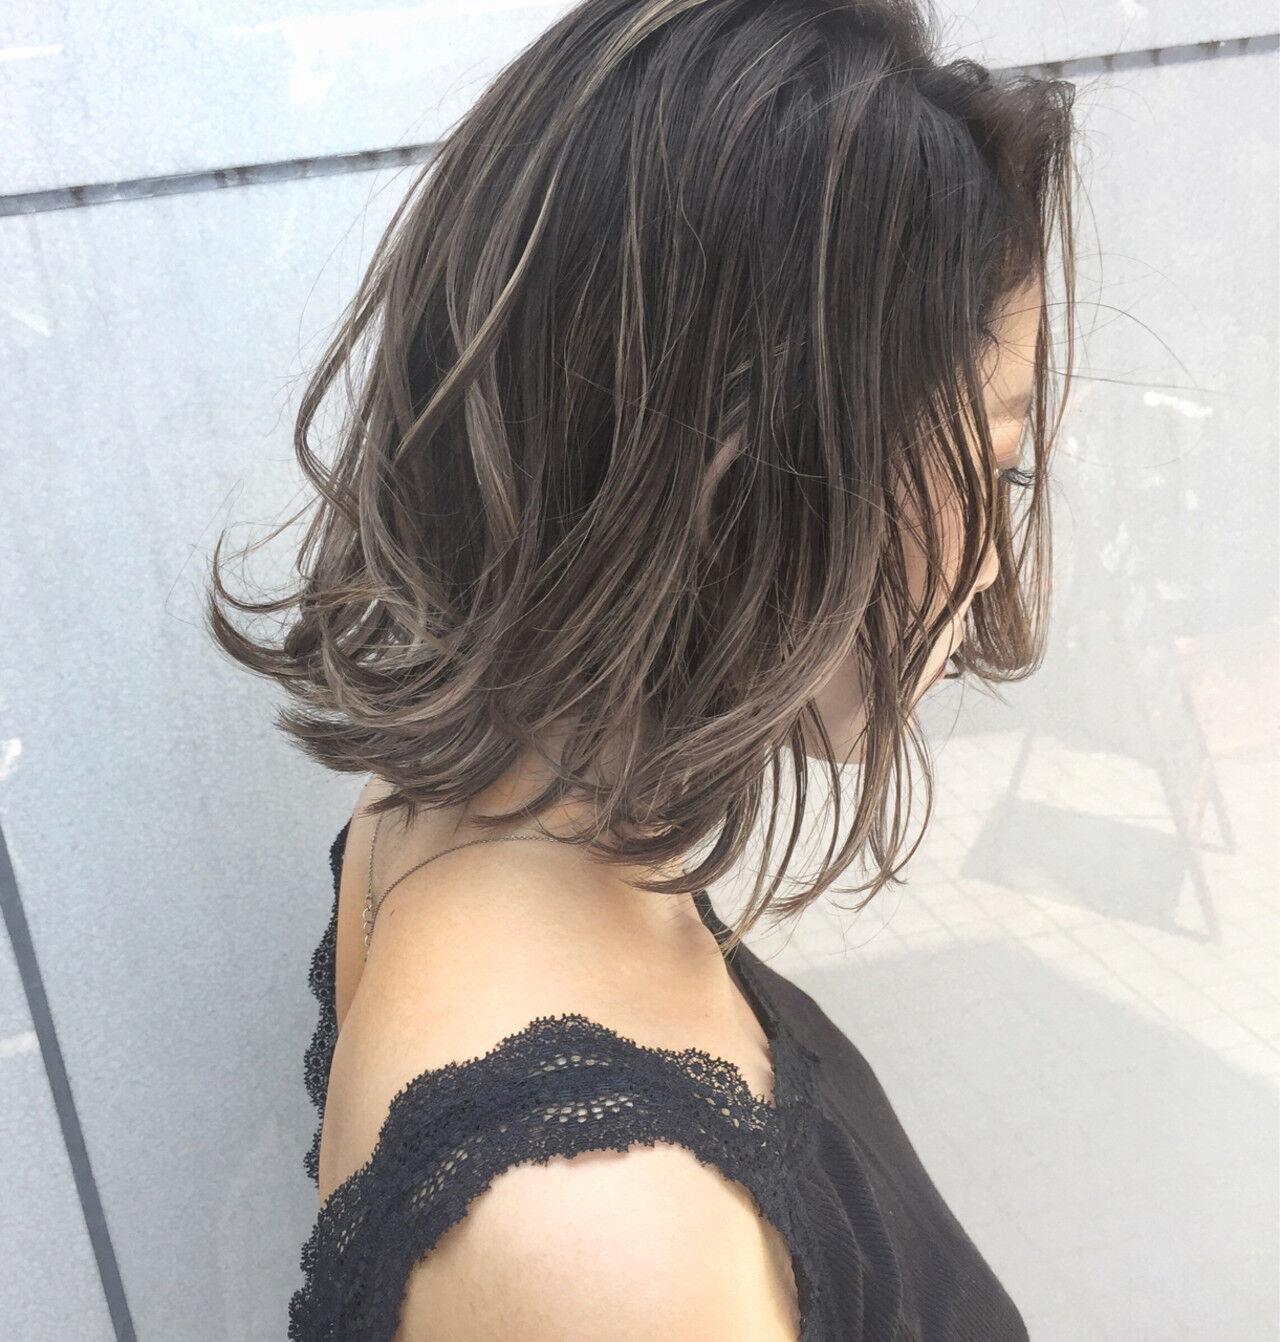 外国人風 パーマ ストリート ハイライトヘアスタイルや髪型の写真・画像